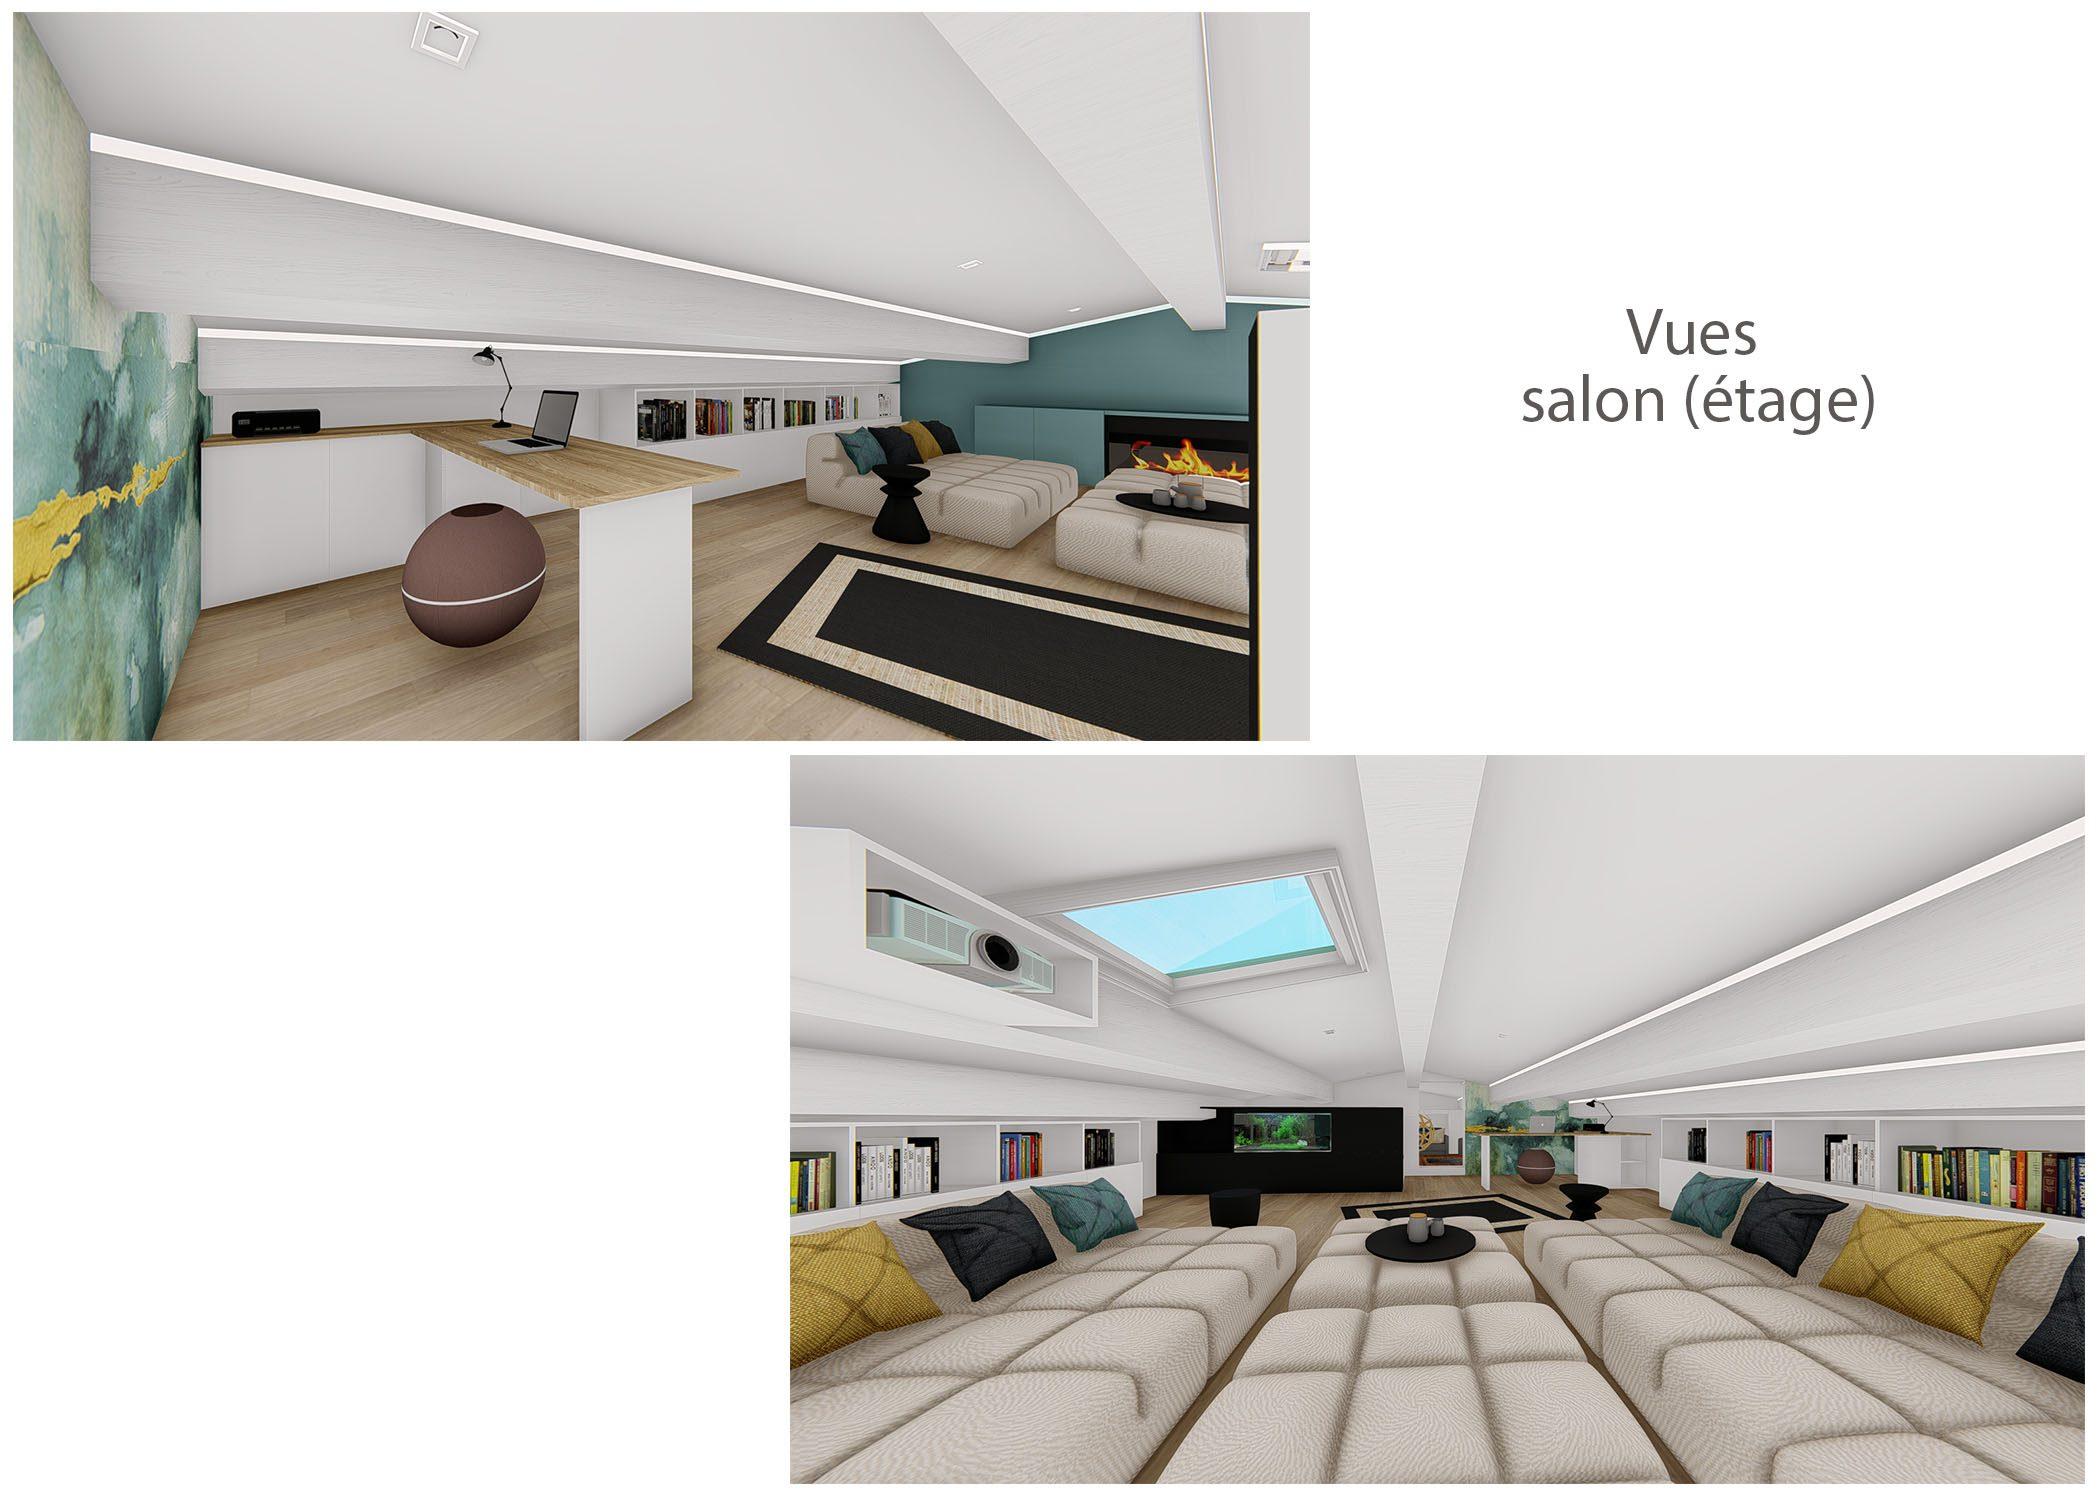 renovation-amenagement-decoration-maison de famille-fuveau-rendus salon-dekho design